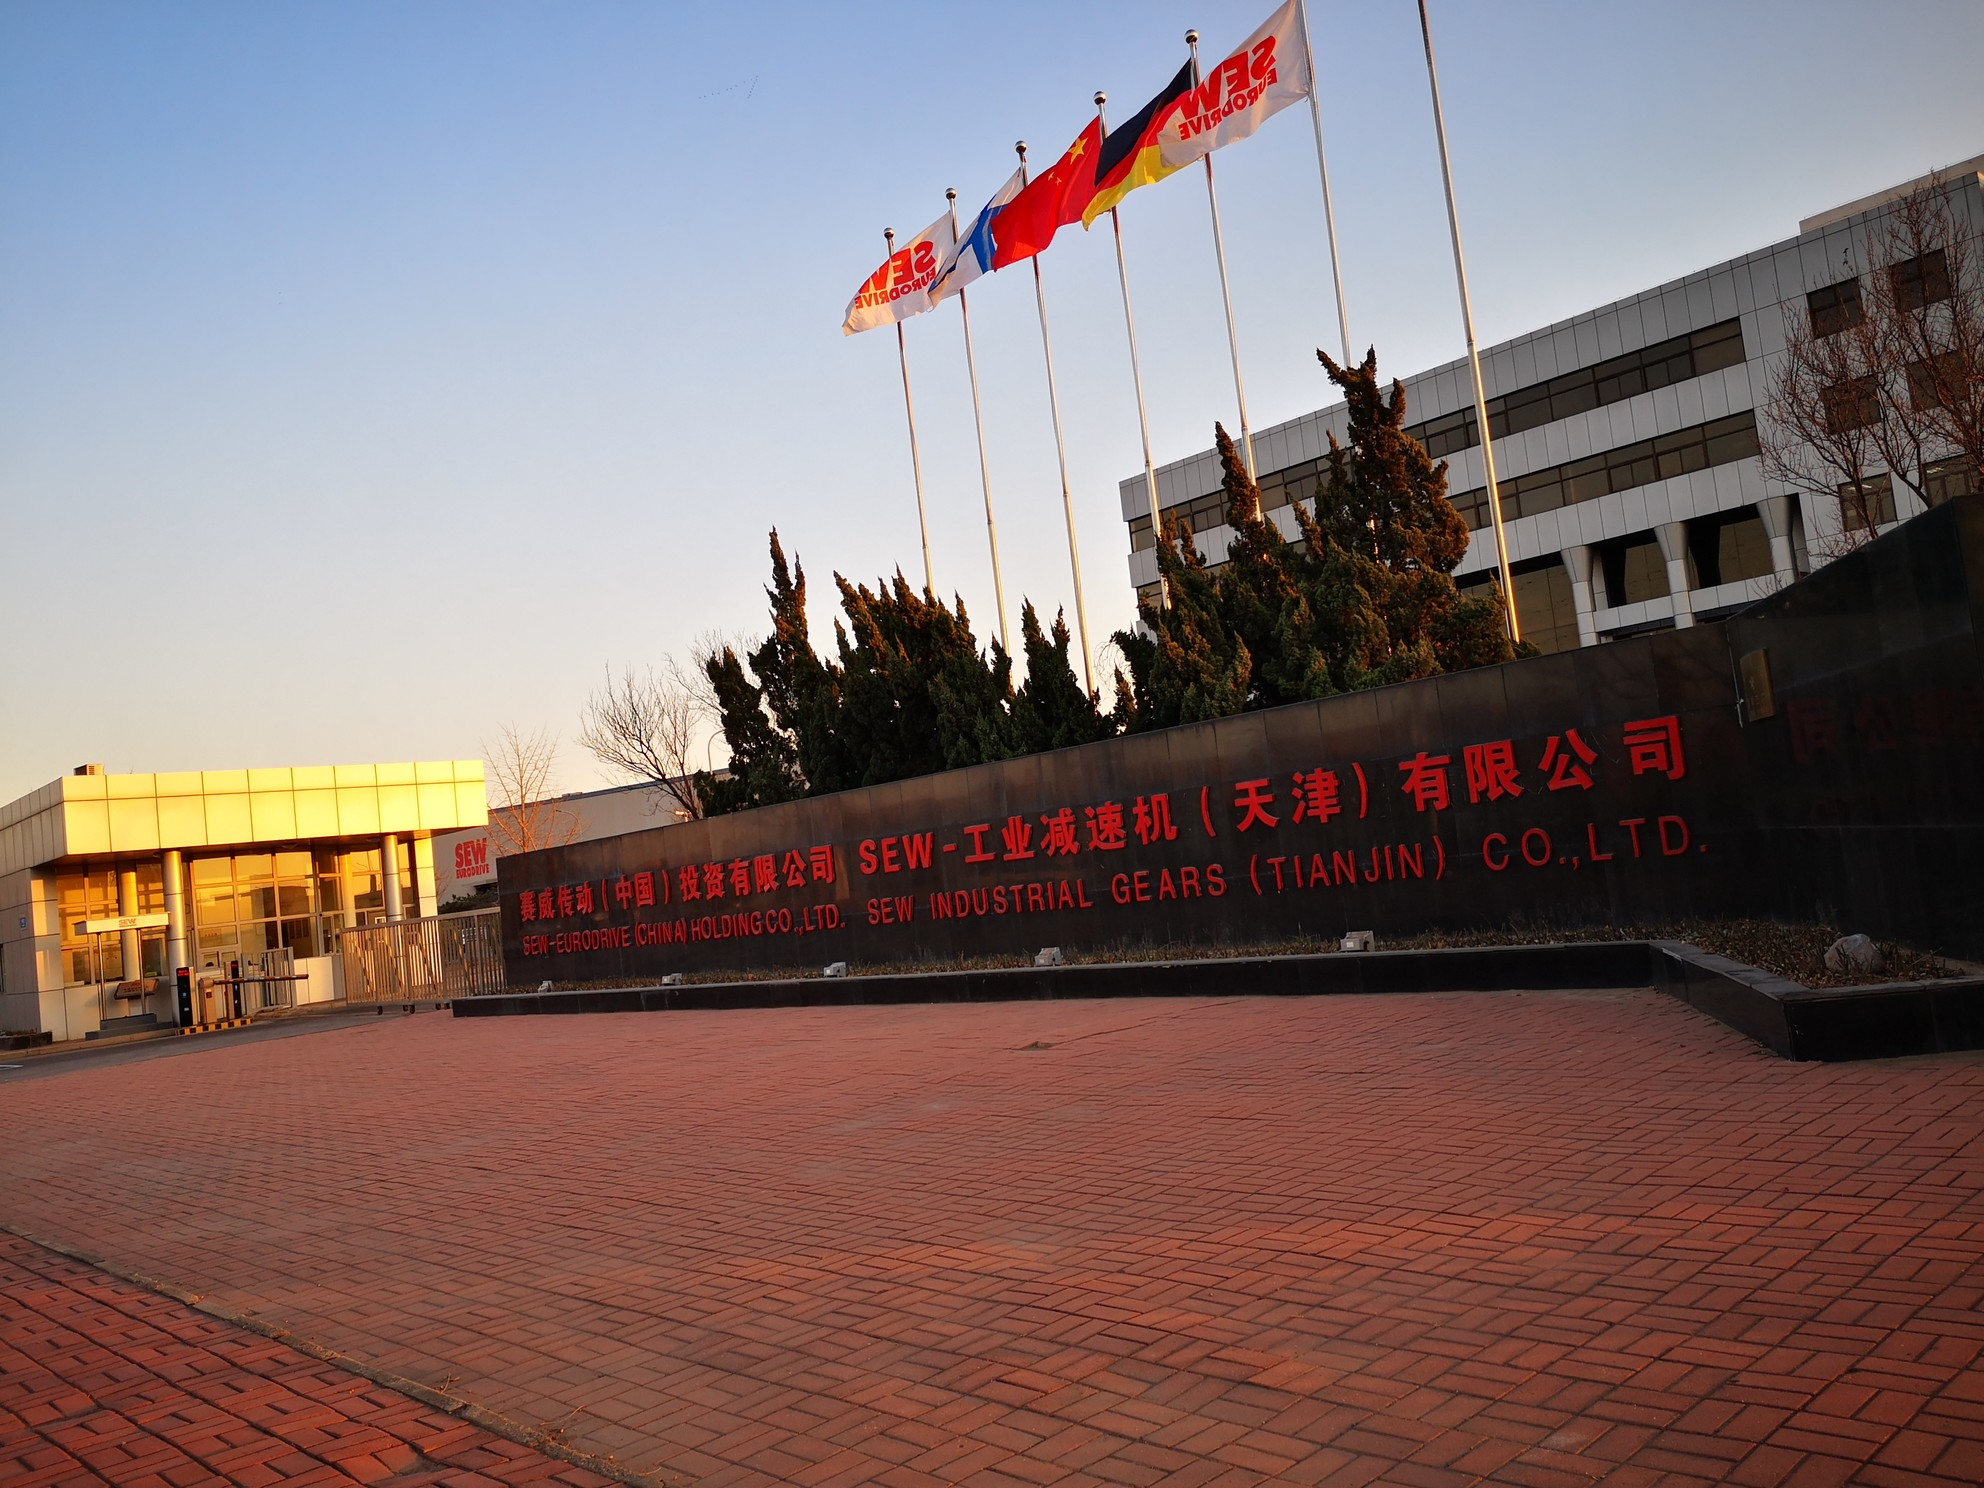 SEW-工业减速机(天津)有限公司